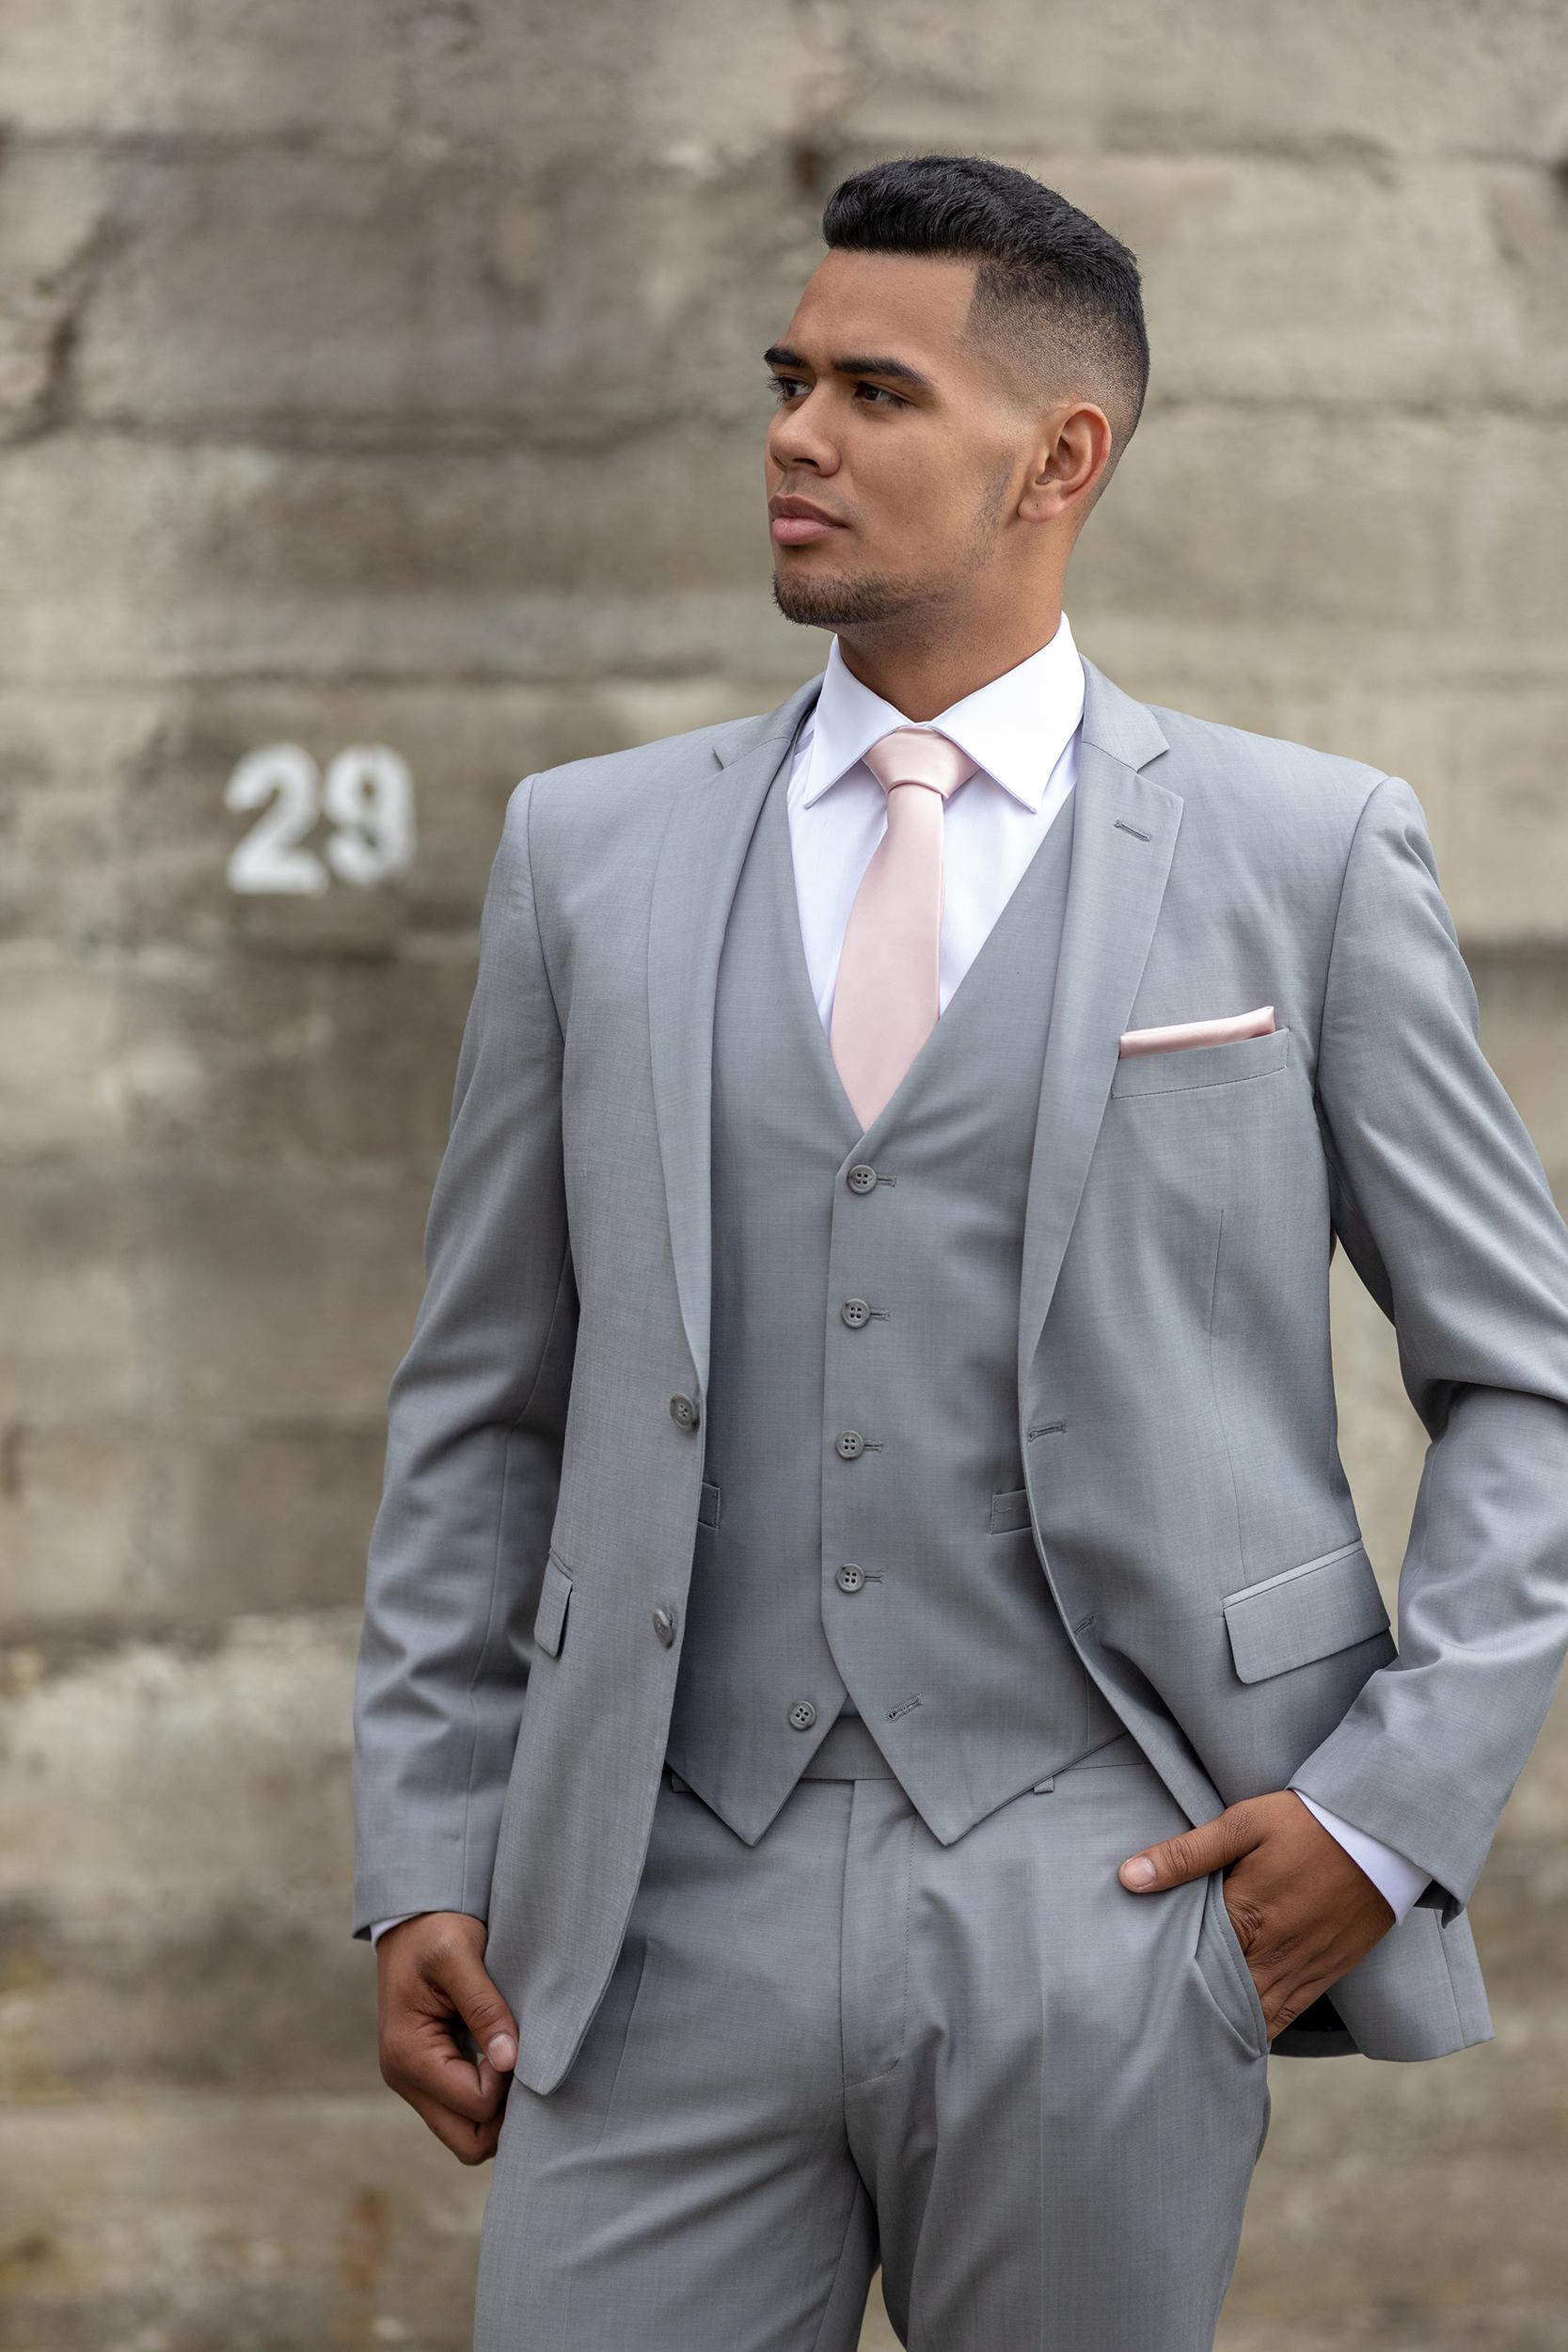 Light grey - Slim Fit- Notch lapel- 2 button suit jacket- Straight leg suit trouserHire price $120 NZDReg: 88—136Short: 88—120Tall: 92—116